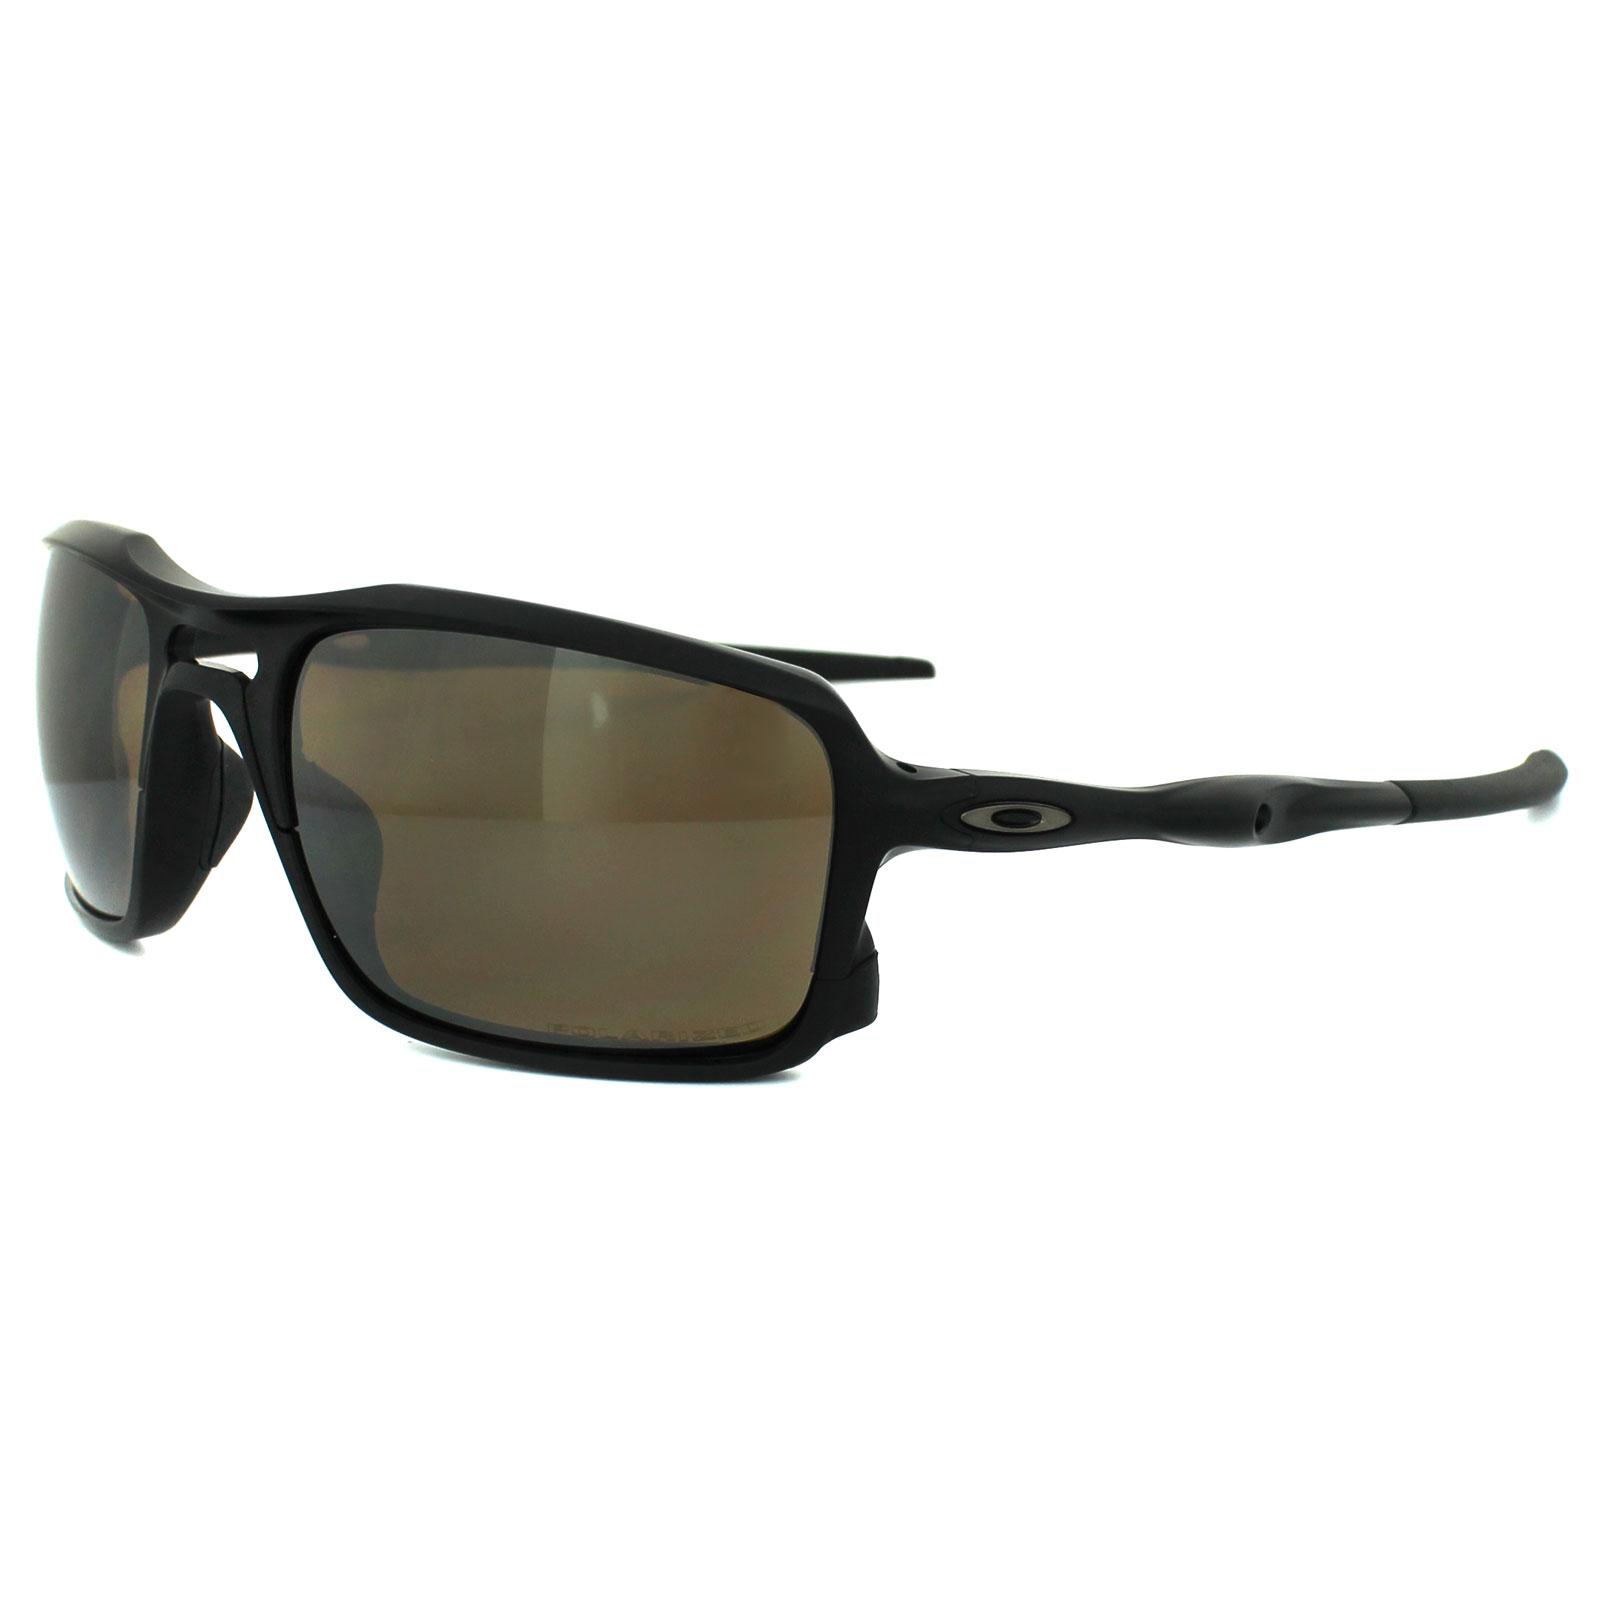 Oakley Sonnenbrille Triggerman, OO9266-02